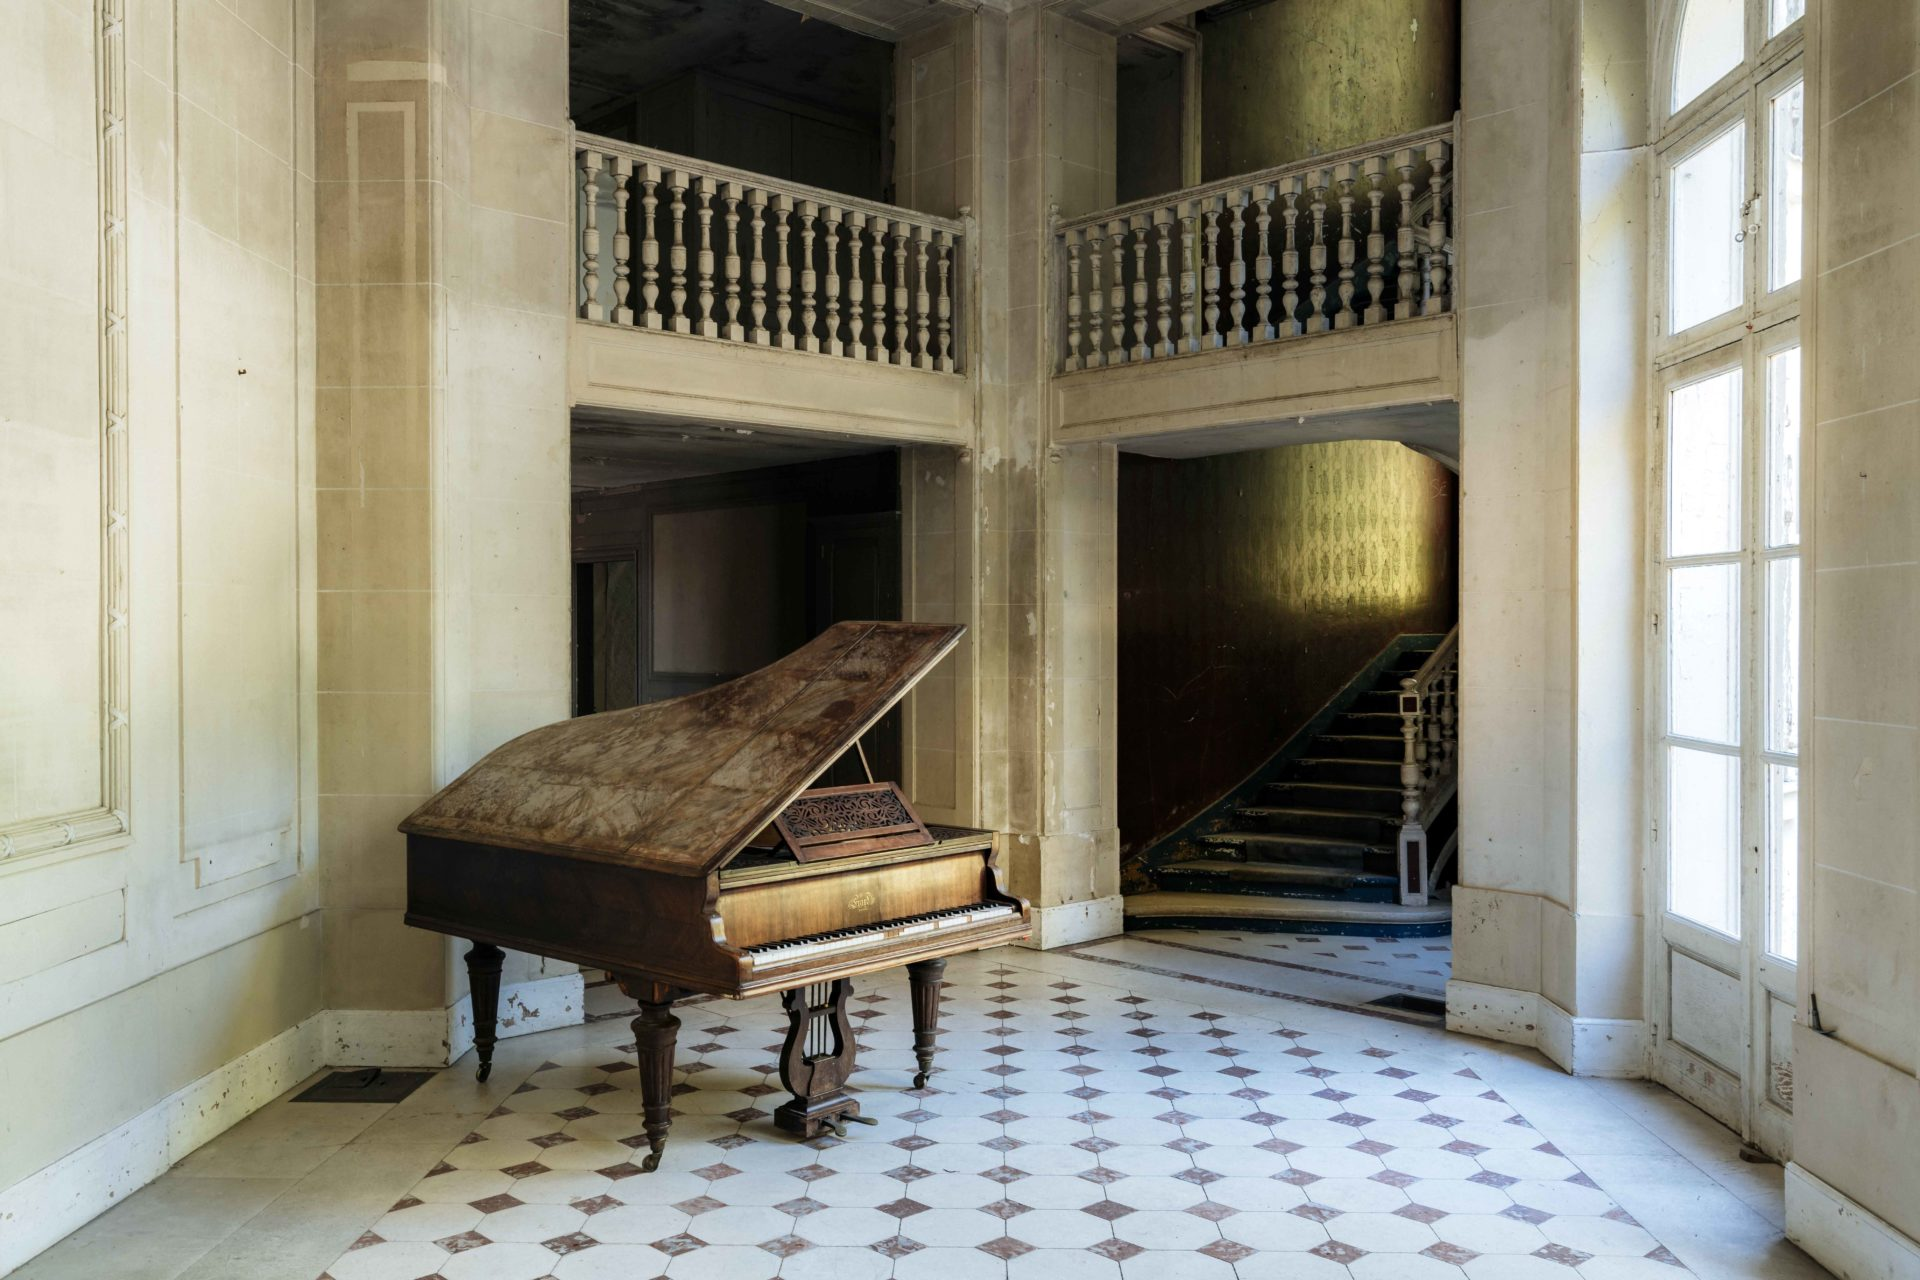 requiem pour pianos 70 | Serie Requiem pour pianos | Romain Thiery